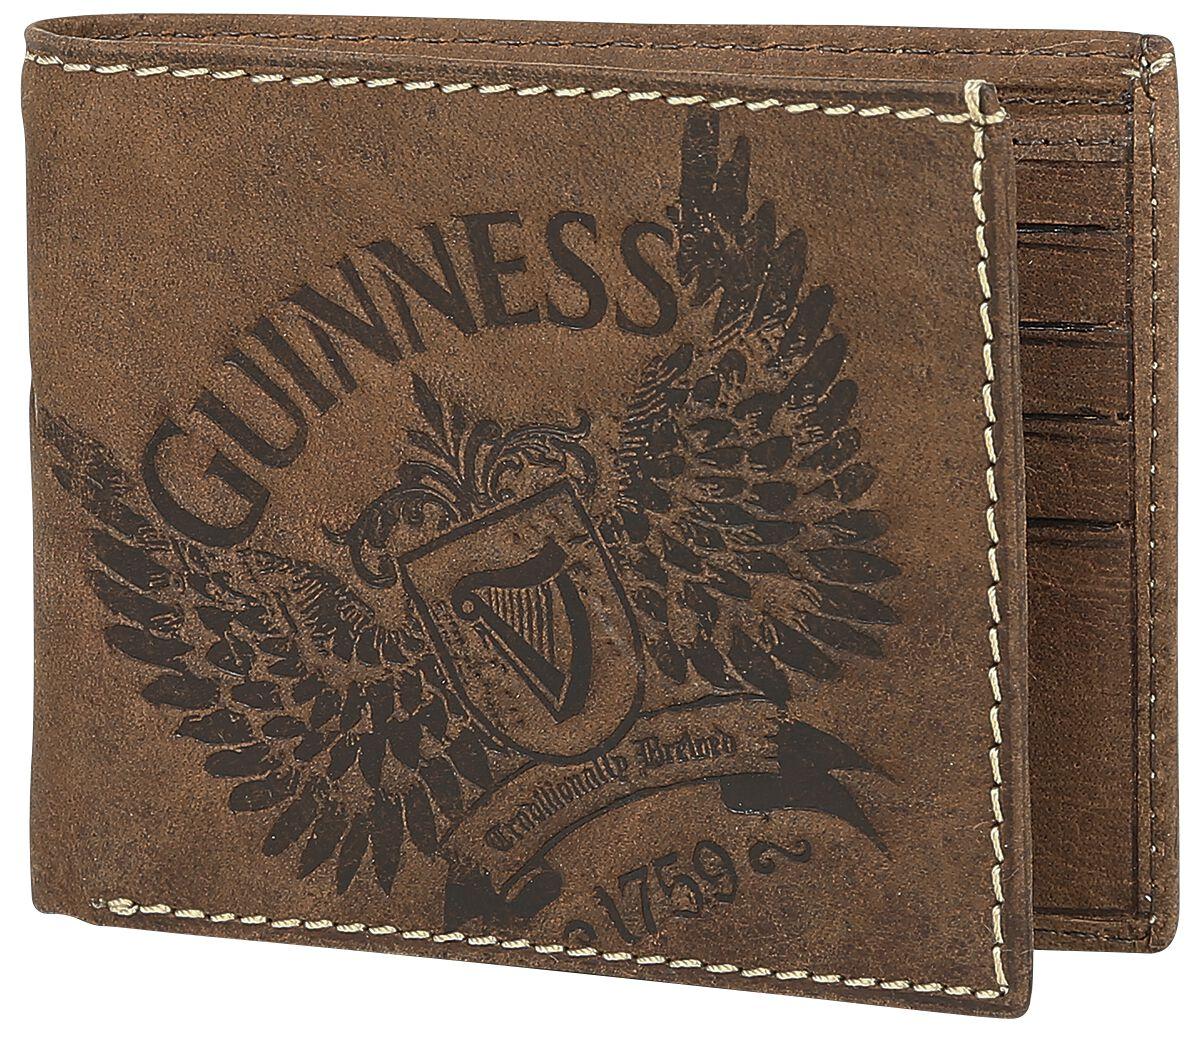 Merch dla Fanów - Portfele - Portfel Guinness Wings Portfel standard - 373943